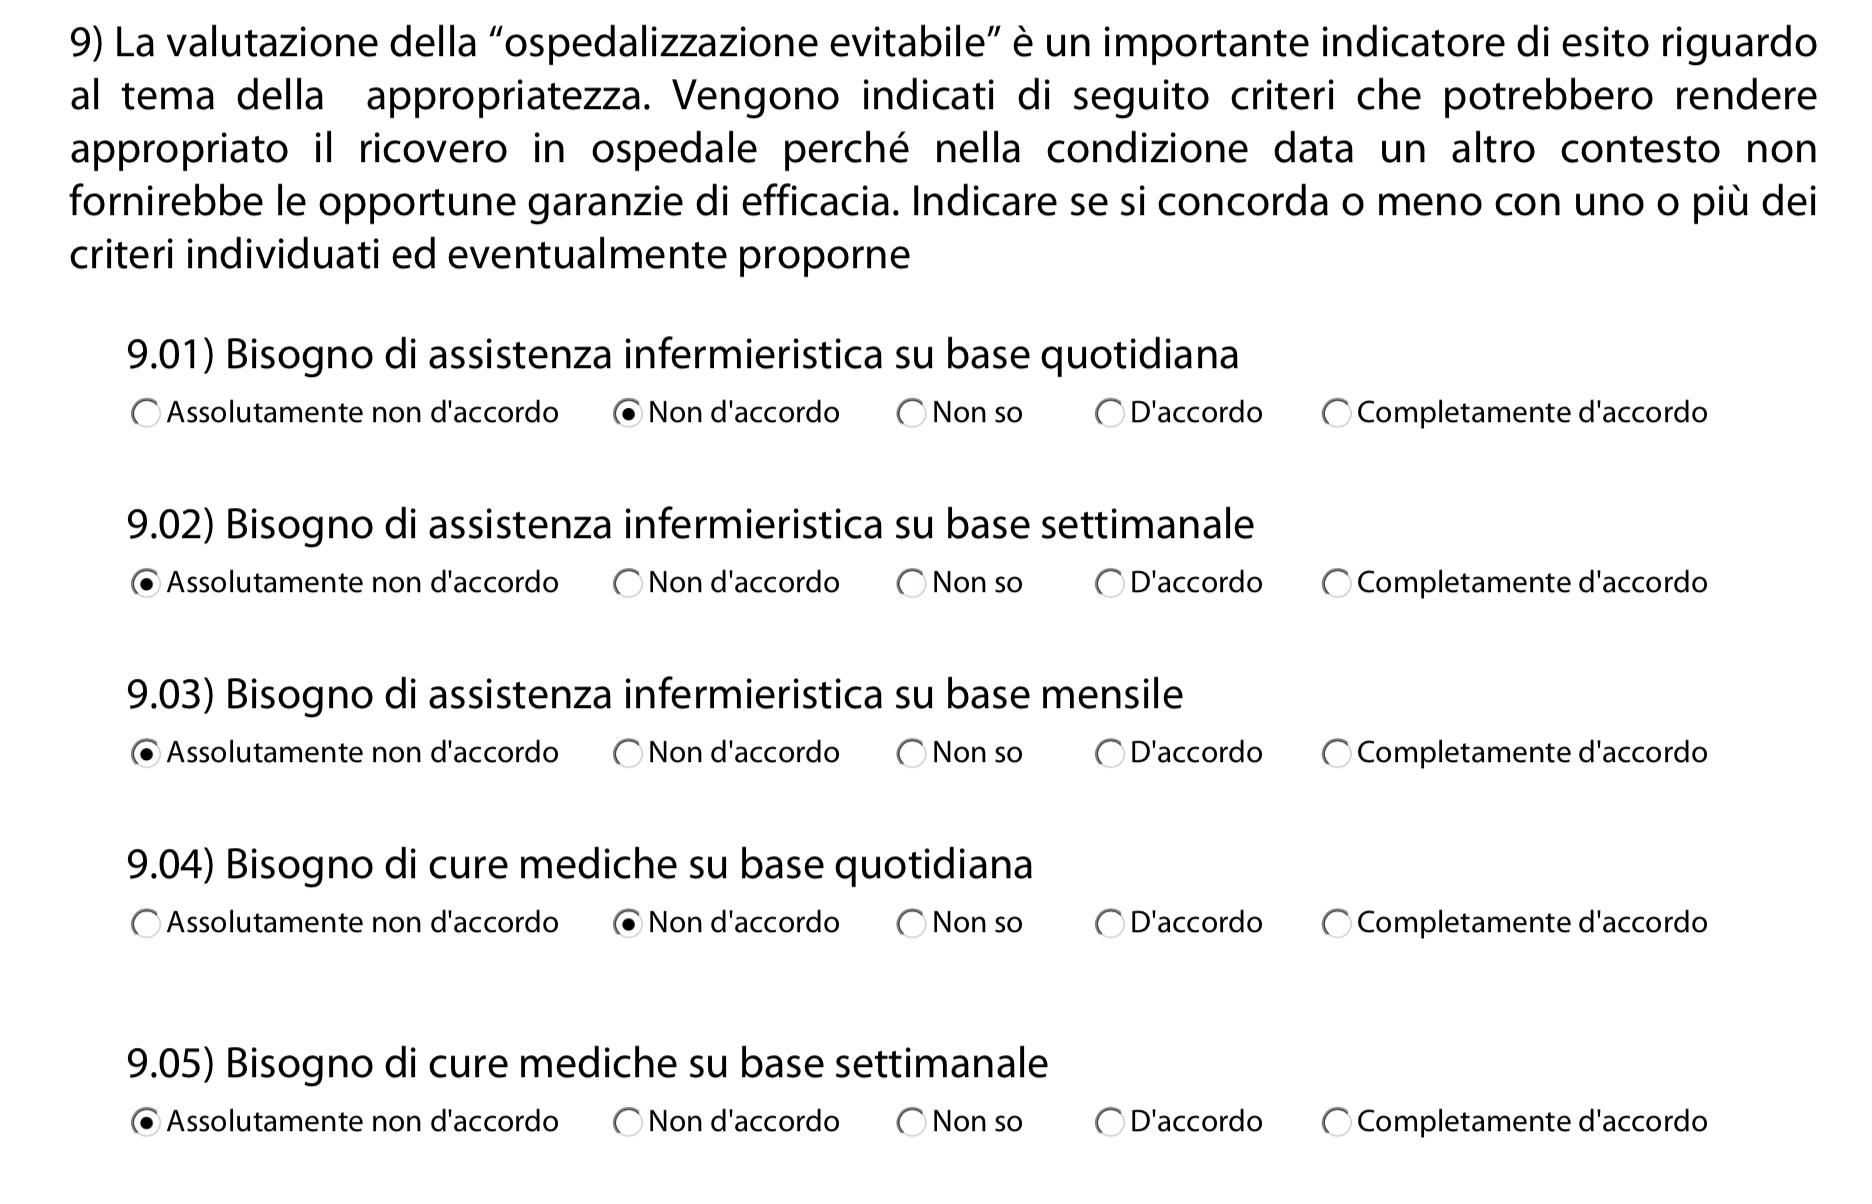 Delphi questionnaire